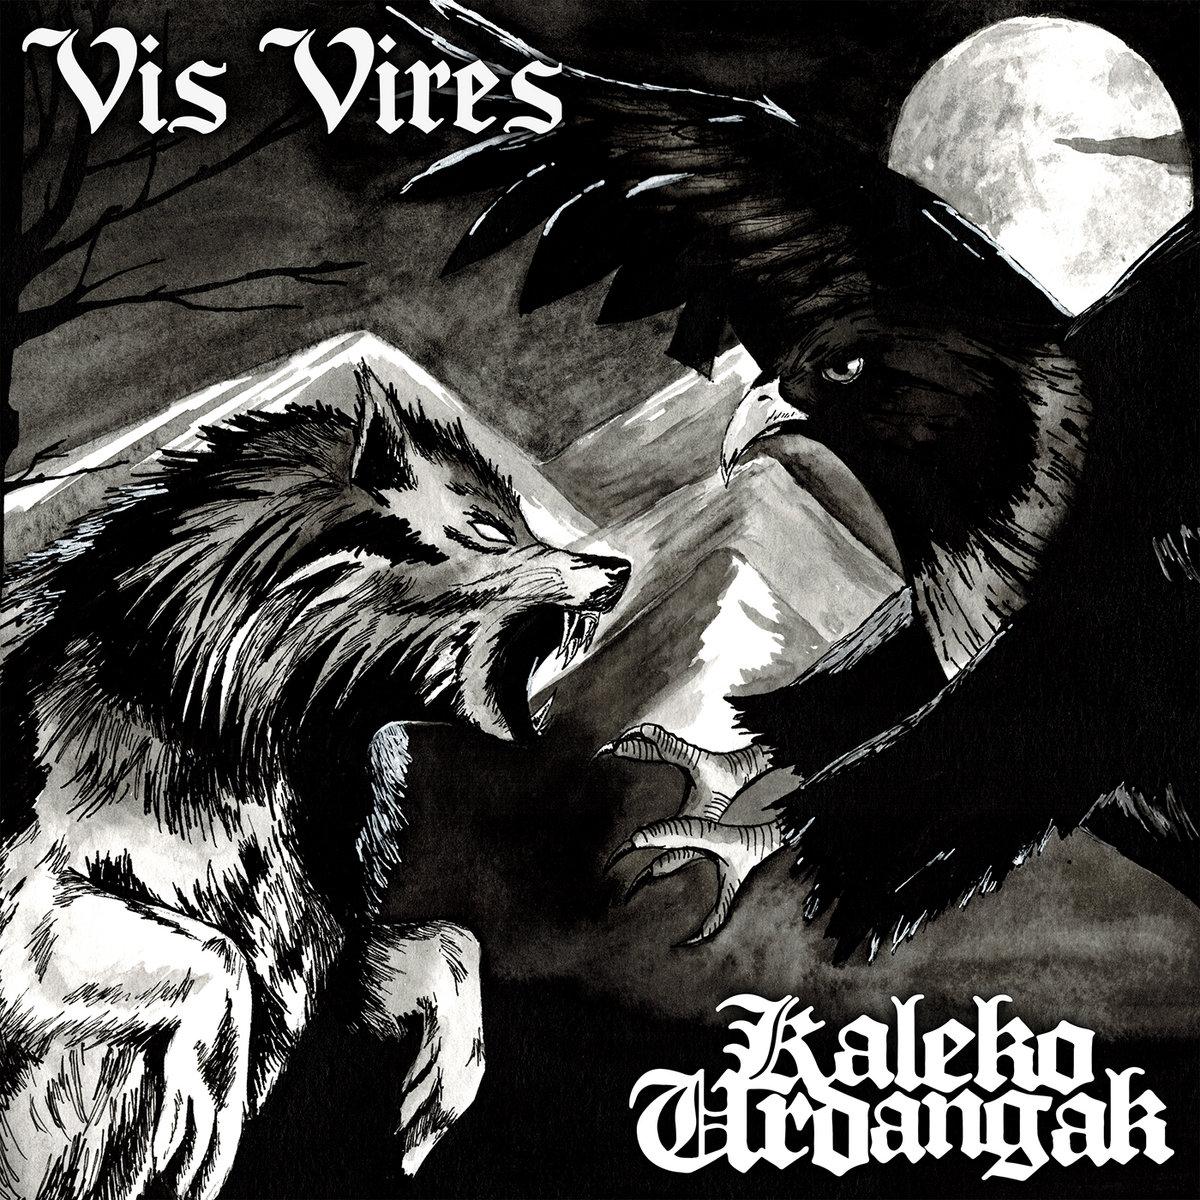 portada del album Vis Vires / Kaleko Urdangak